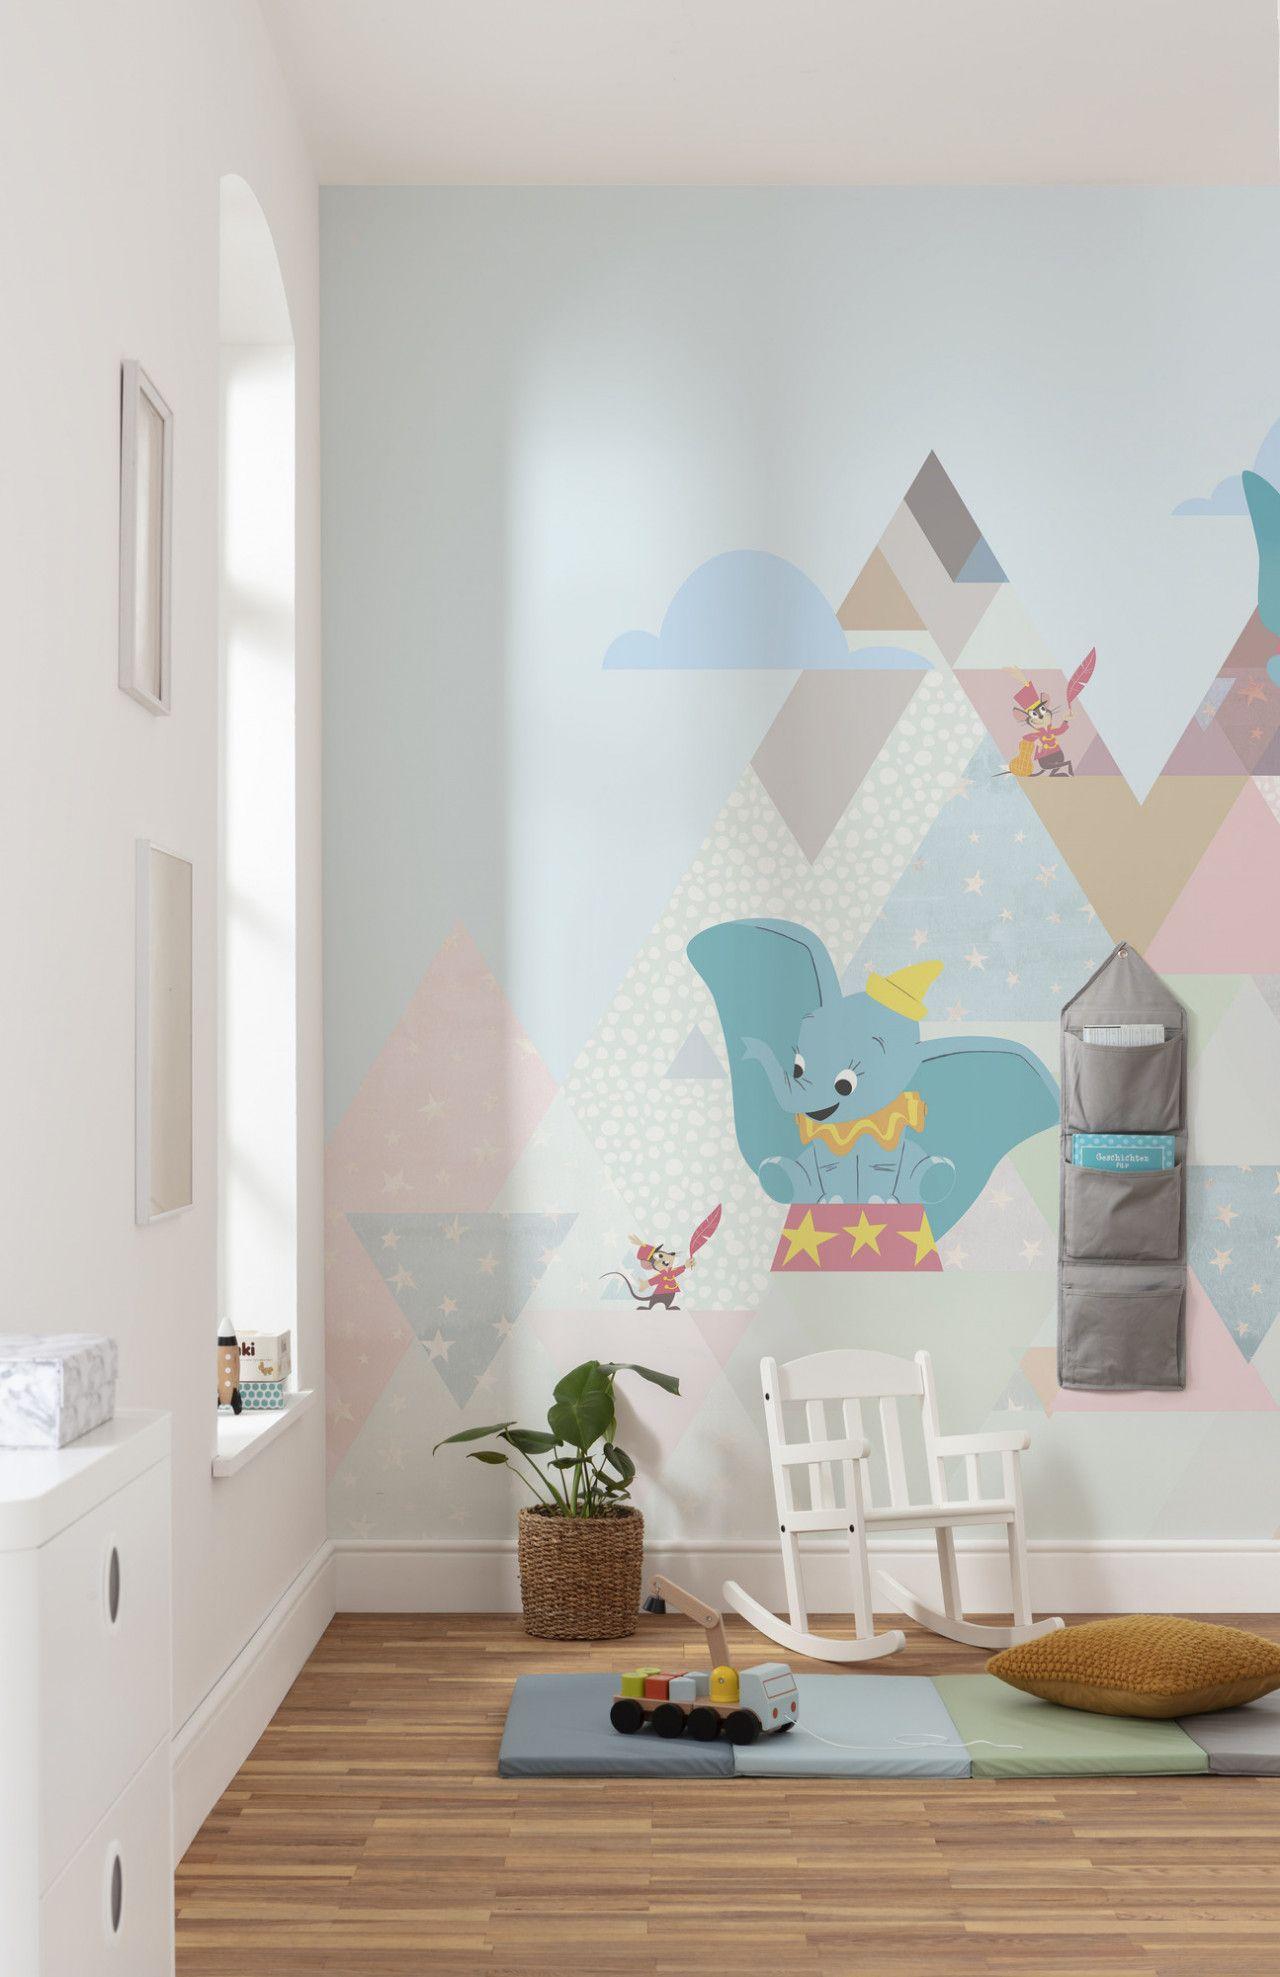 Digitaldrucktapete Dumbo Flying Elephant Kinderzimmer Tapete